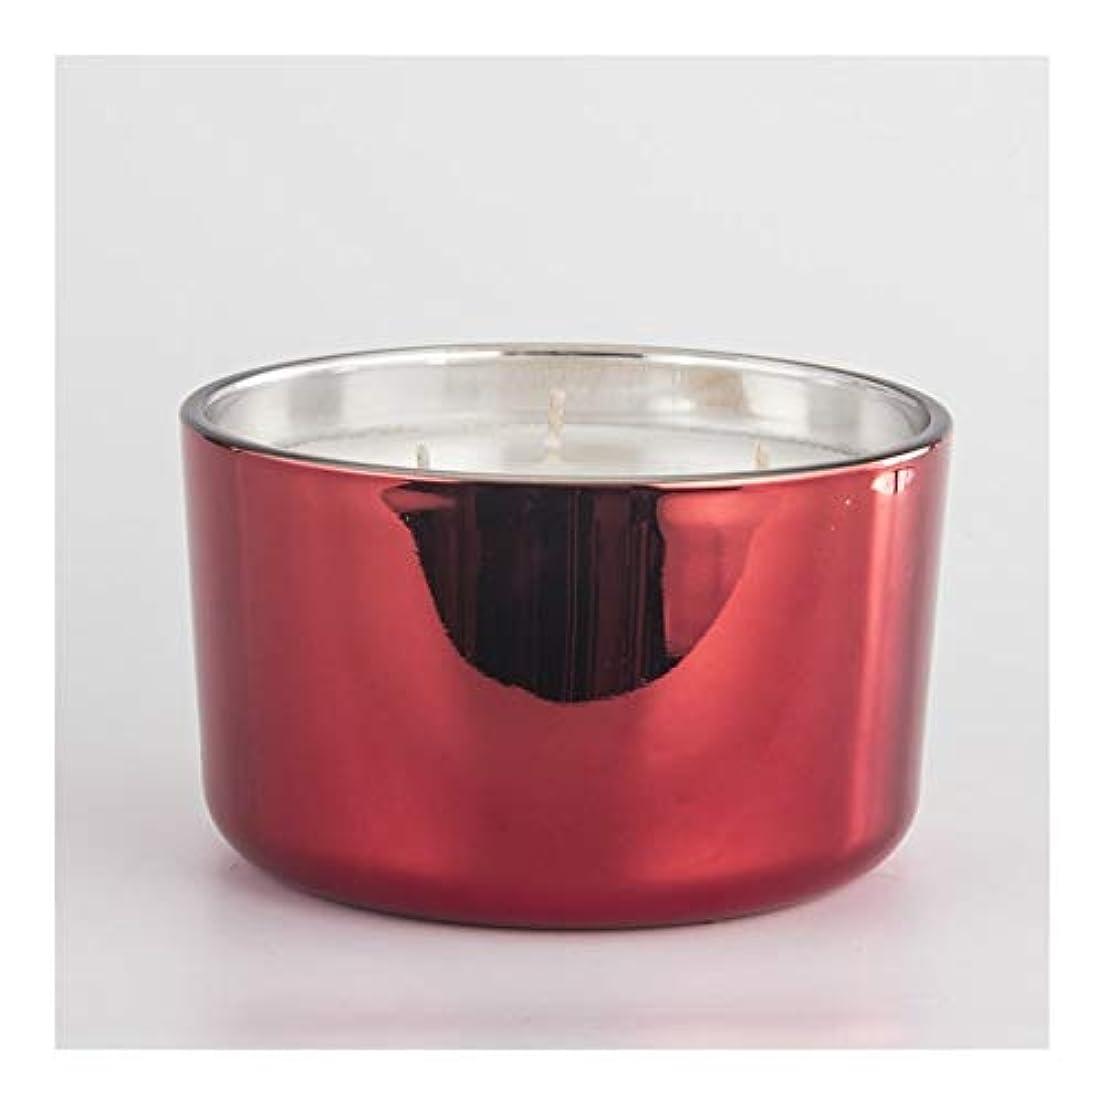 名誉あるプレゼントそこからACAO キャンドルカップ香料入りキャンドル鉢植えワックスカップキャンドルカップ電着赤3芯カップガラスカップワックス